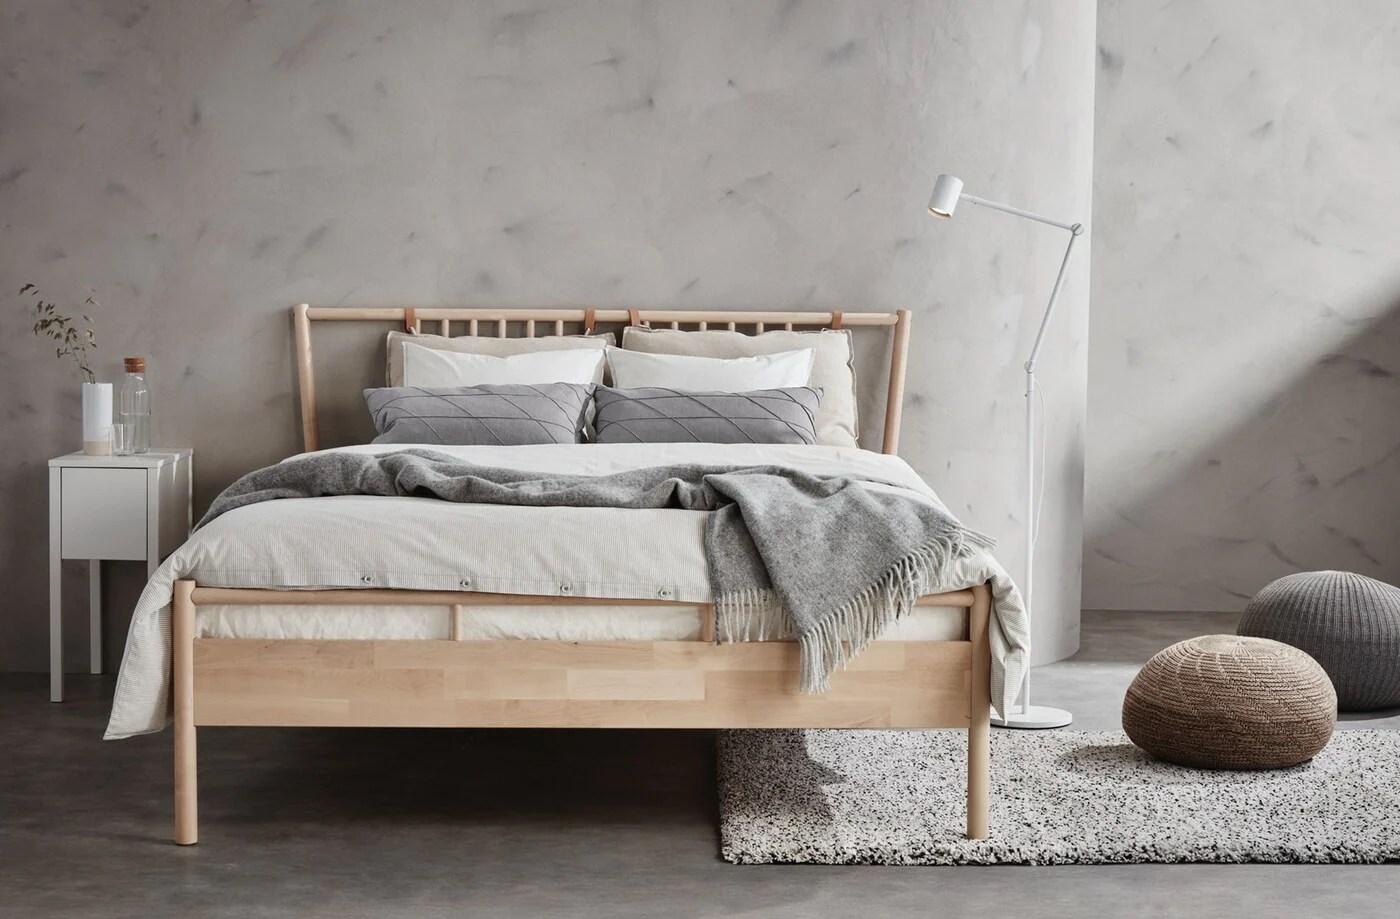 comment choisir son linge de lit ikea